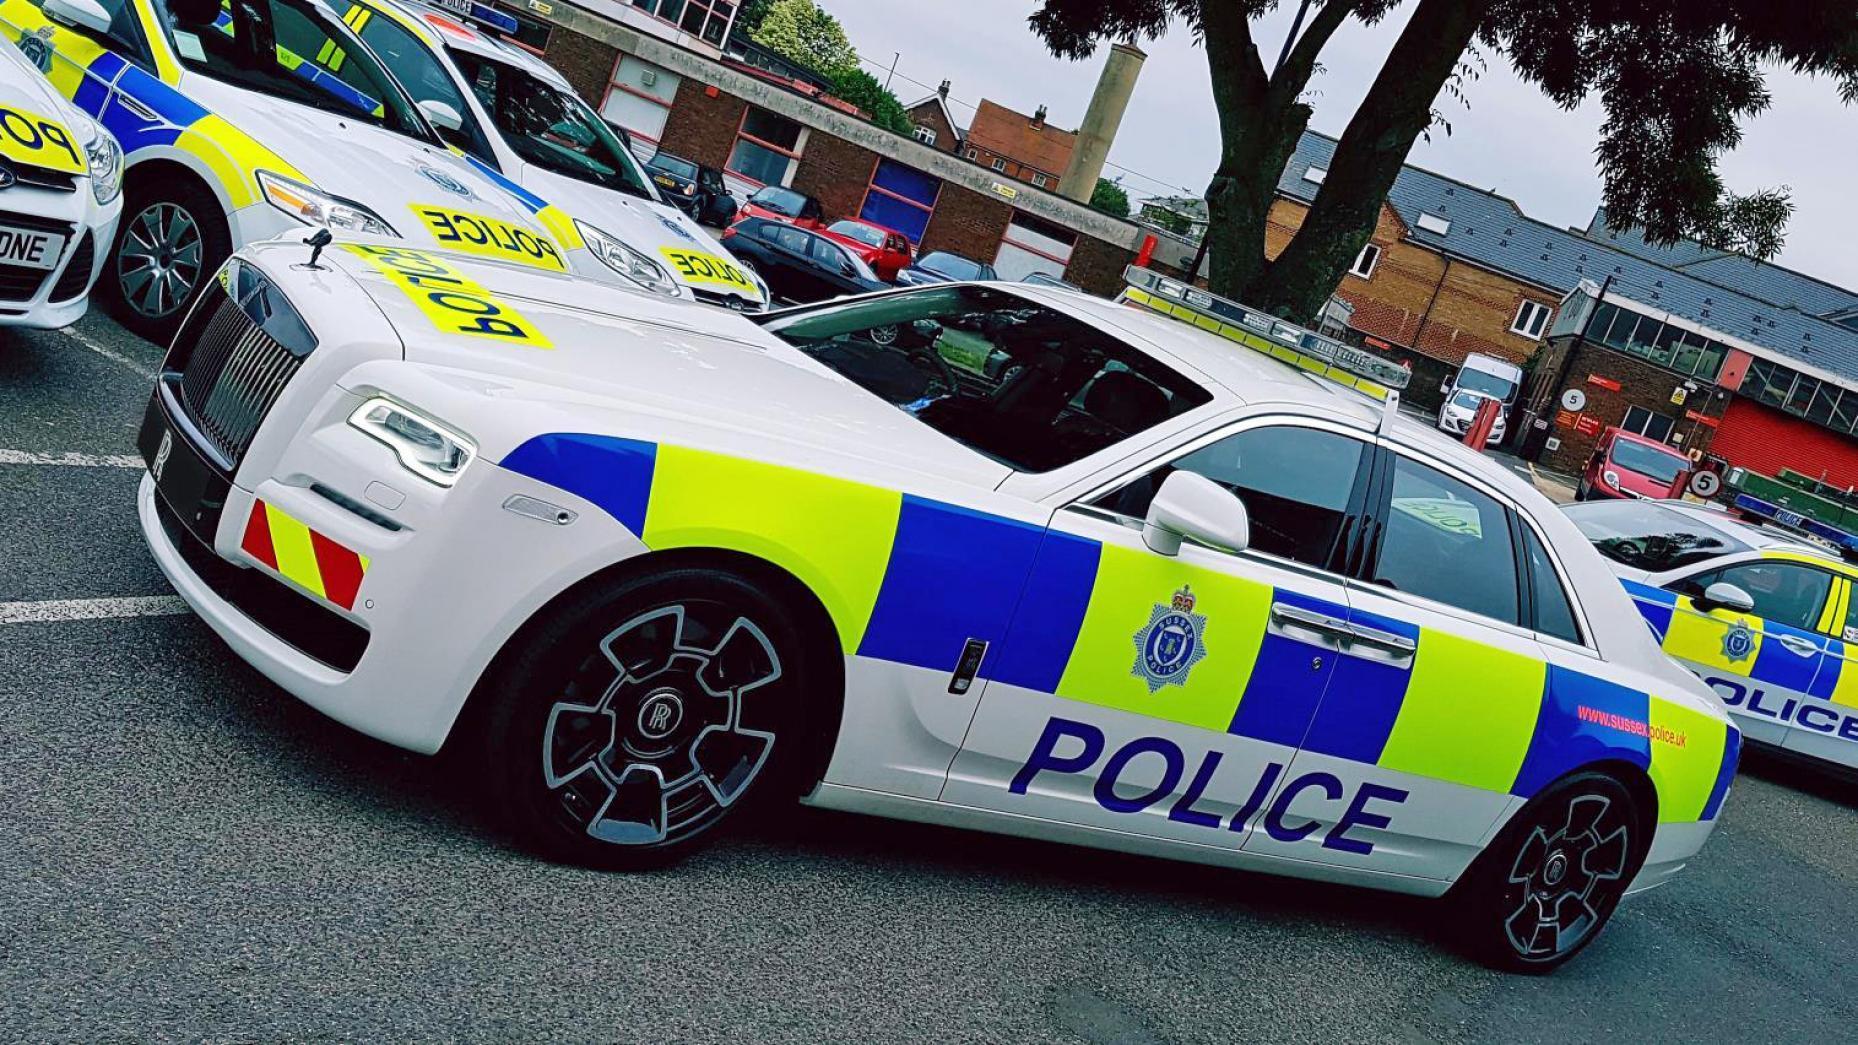 Politie auto's